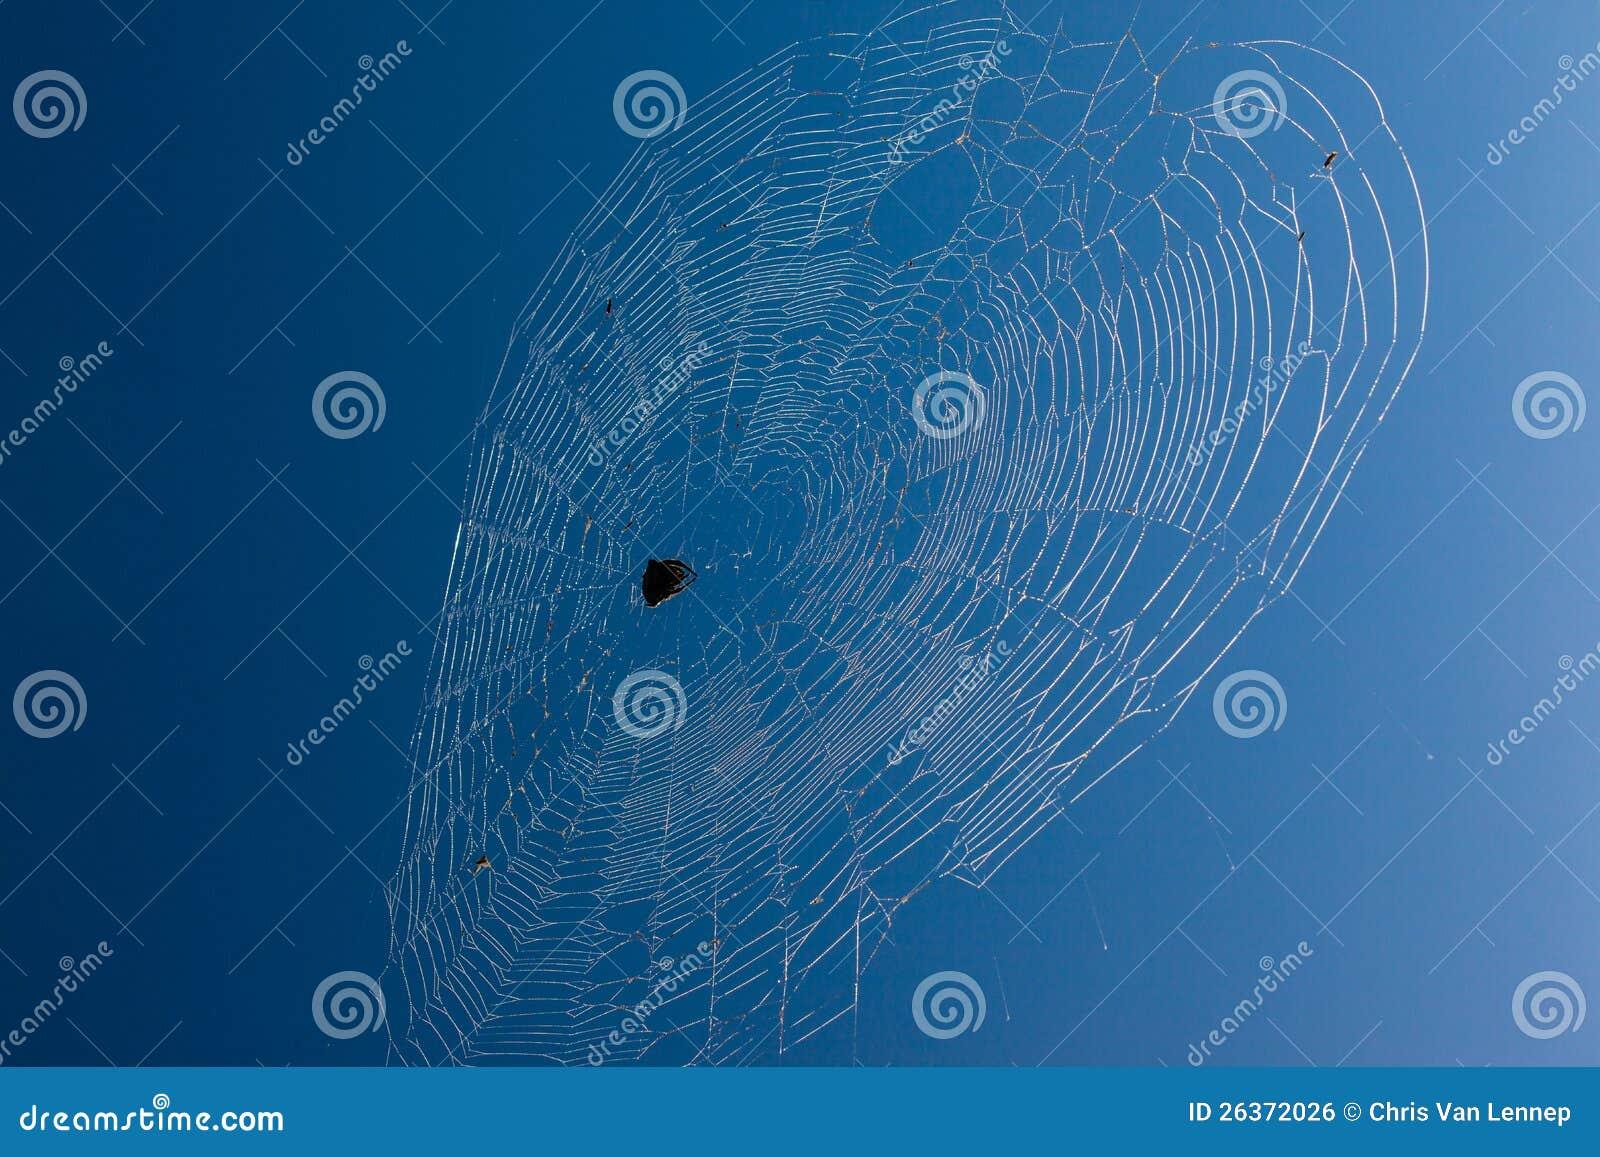 Afrikanischer Spinnen-Web-blauer Himmel